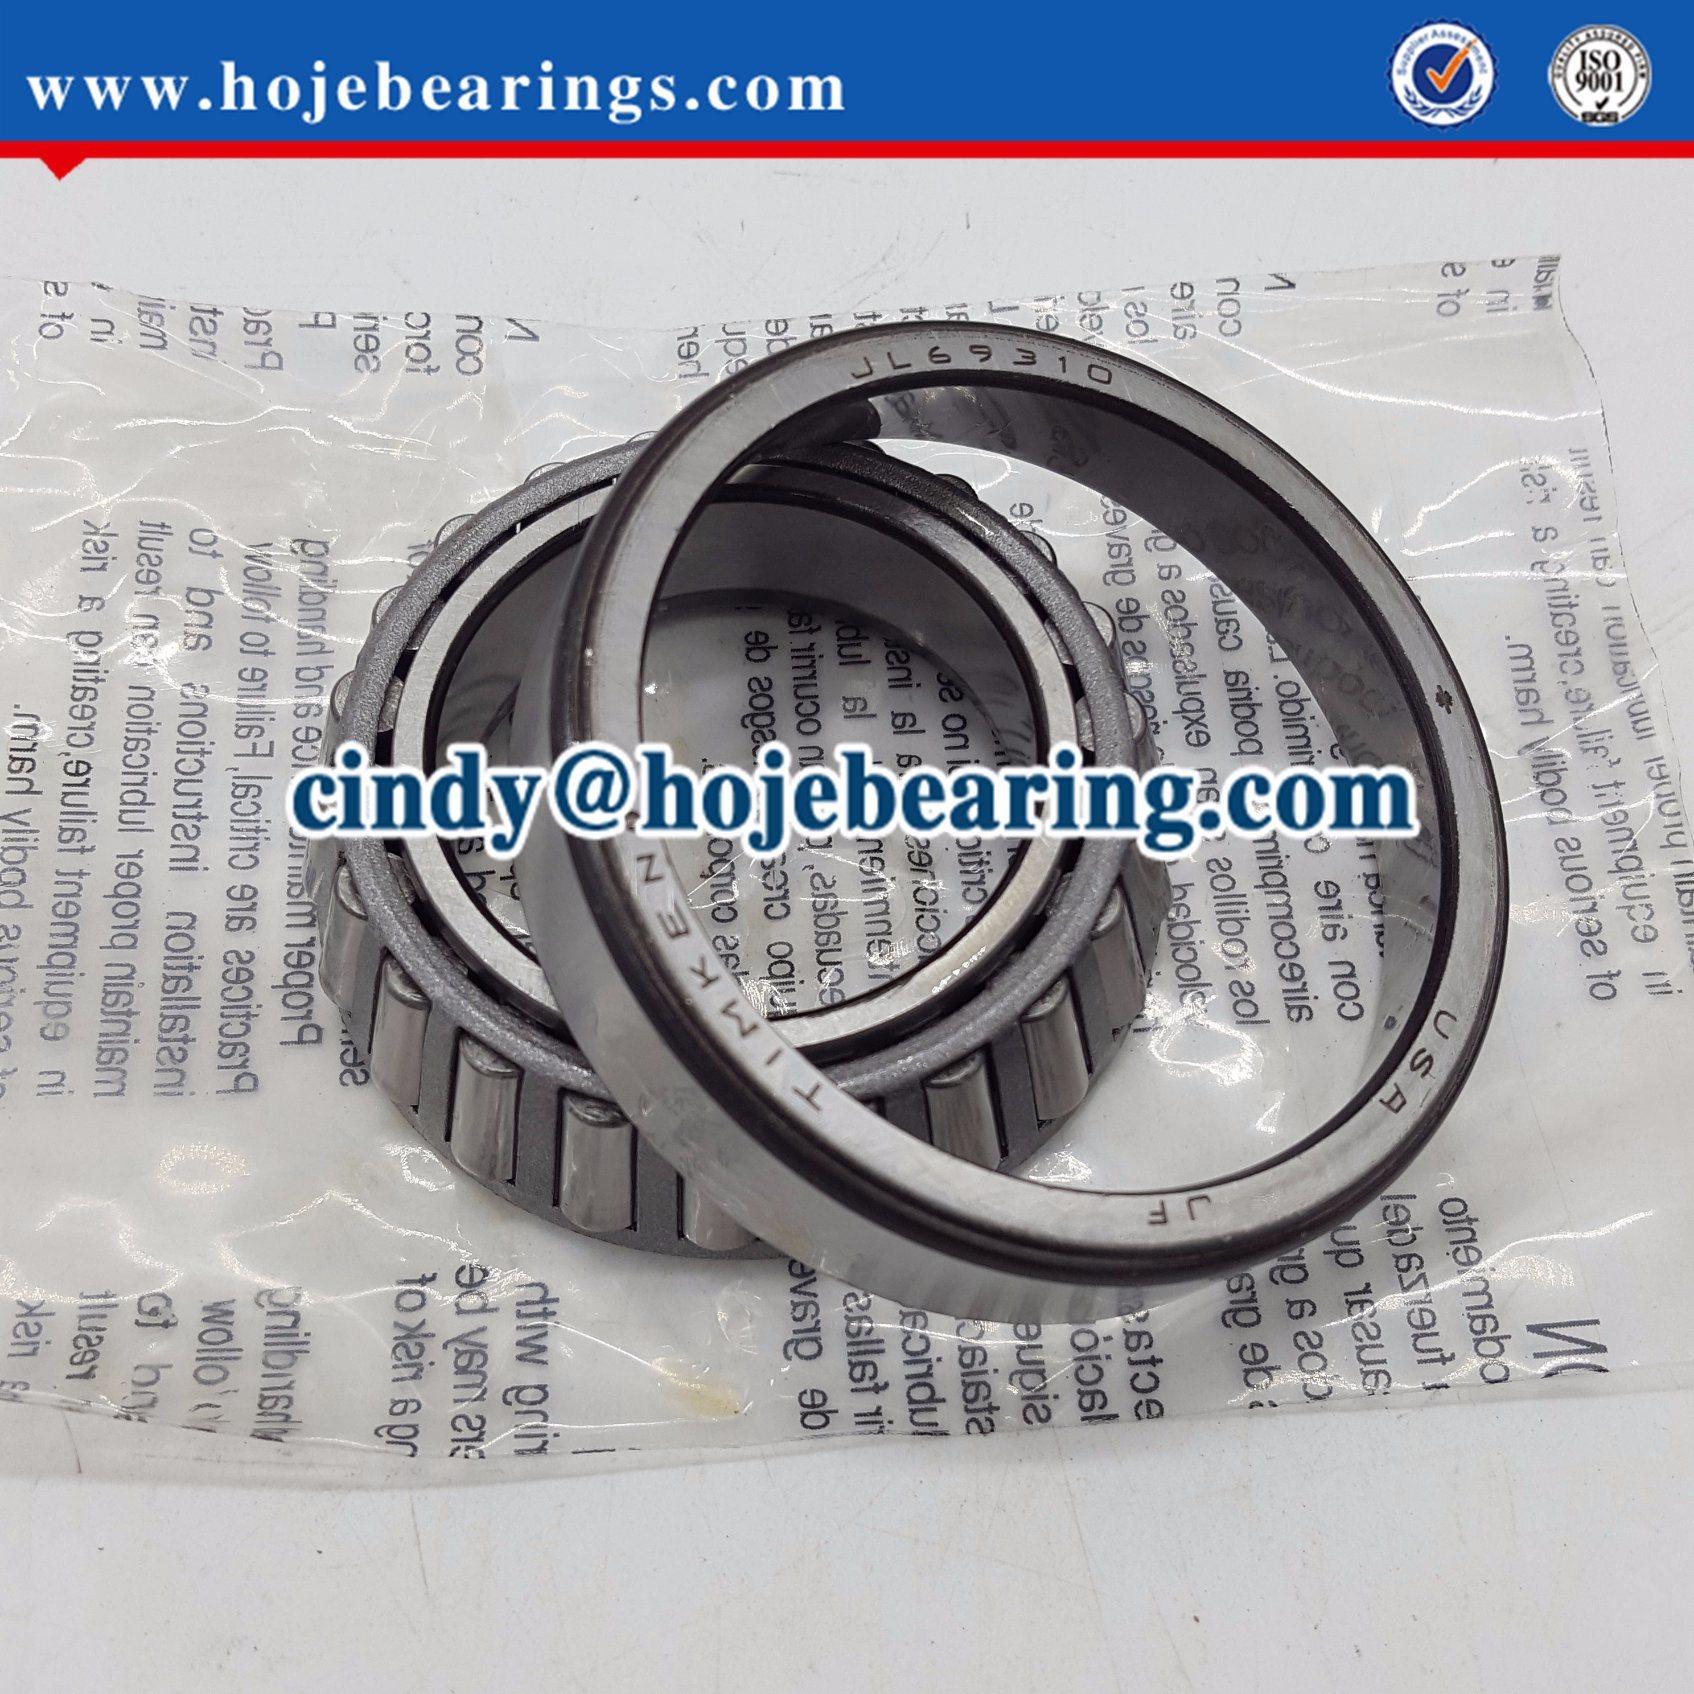 Jl69349/Jl69310 Taper Roller Bearing Set Taper Wheel Bearing